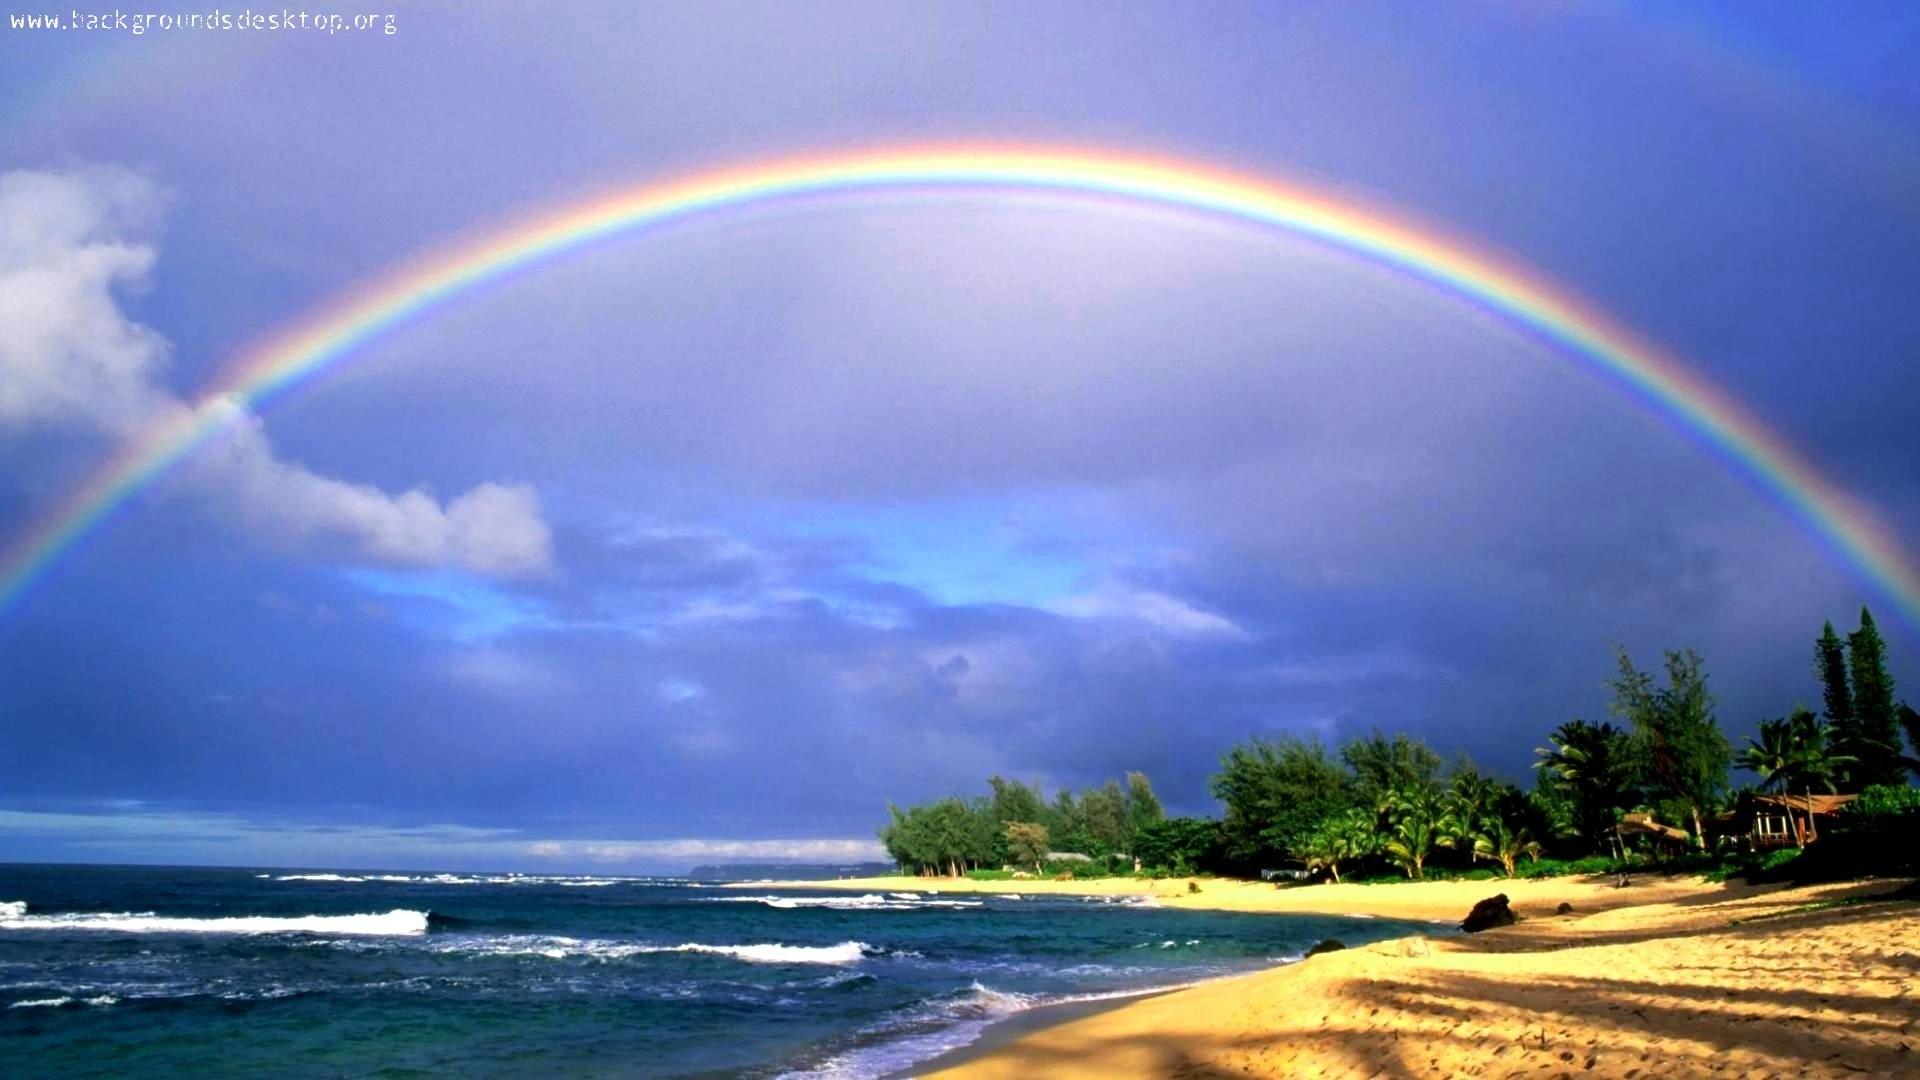 Hawaii-Beach-Rainbow-HD-Wallpaper-1920×1080-For-Desktop